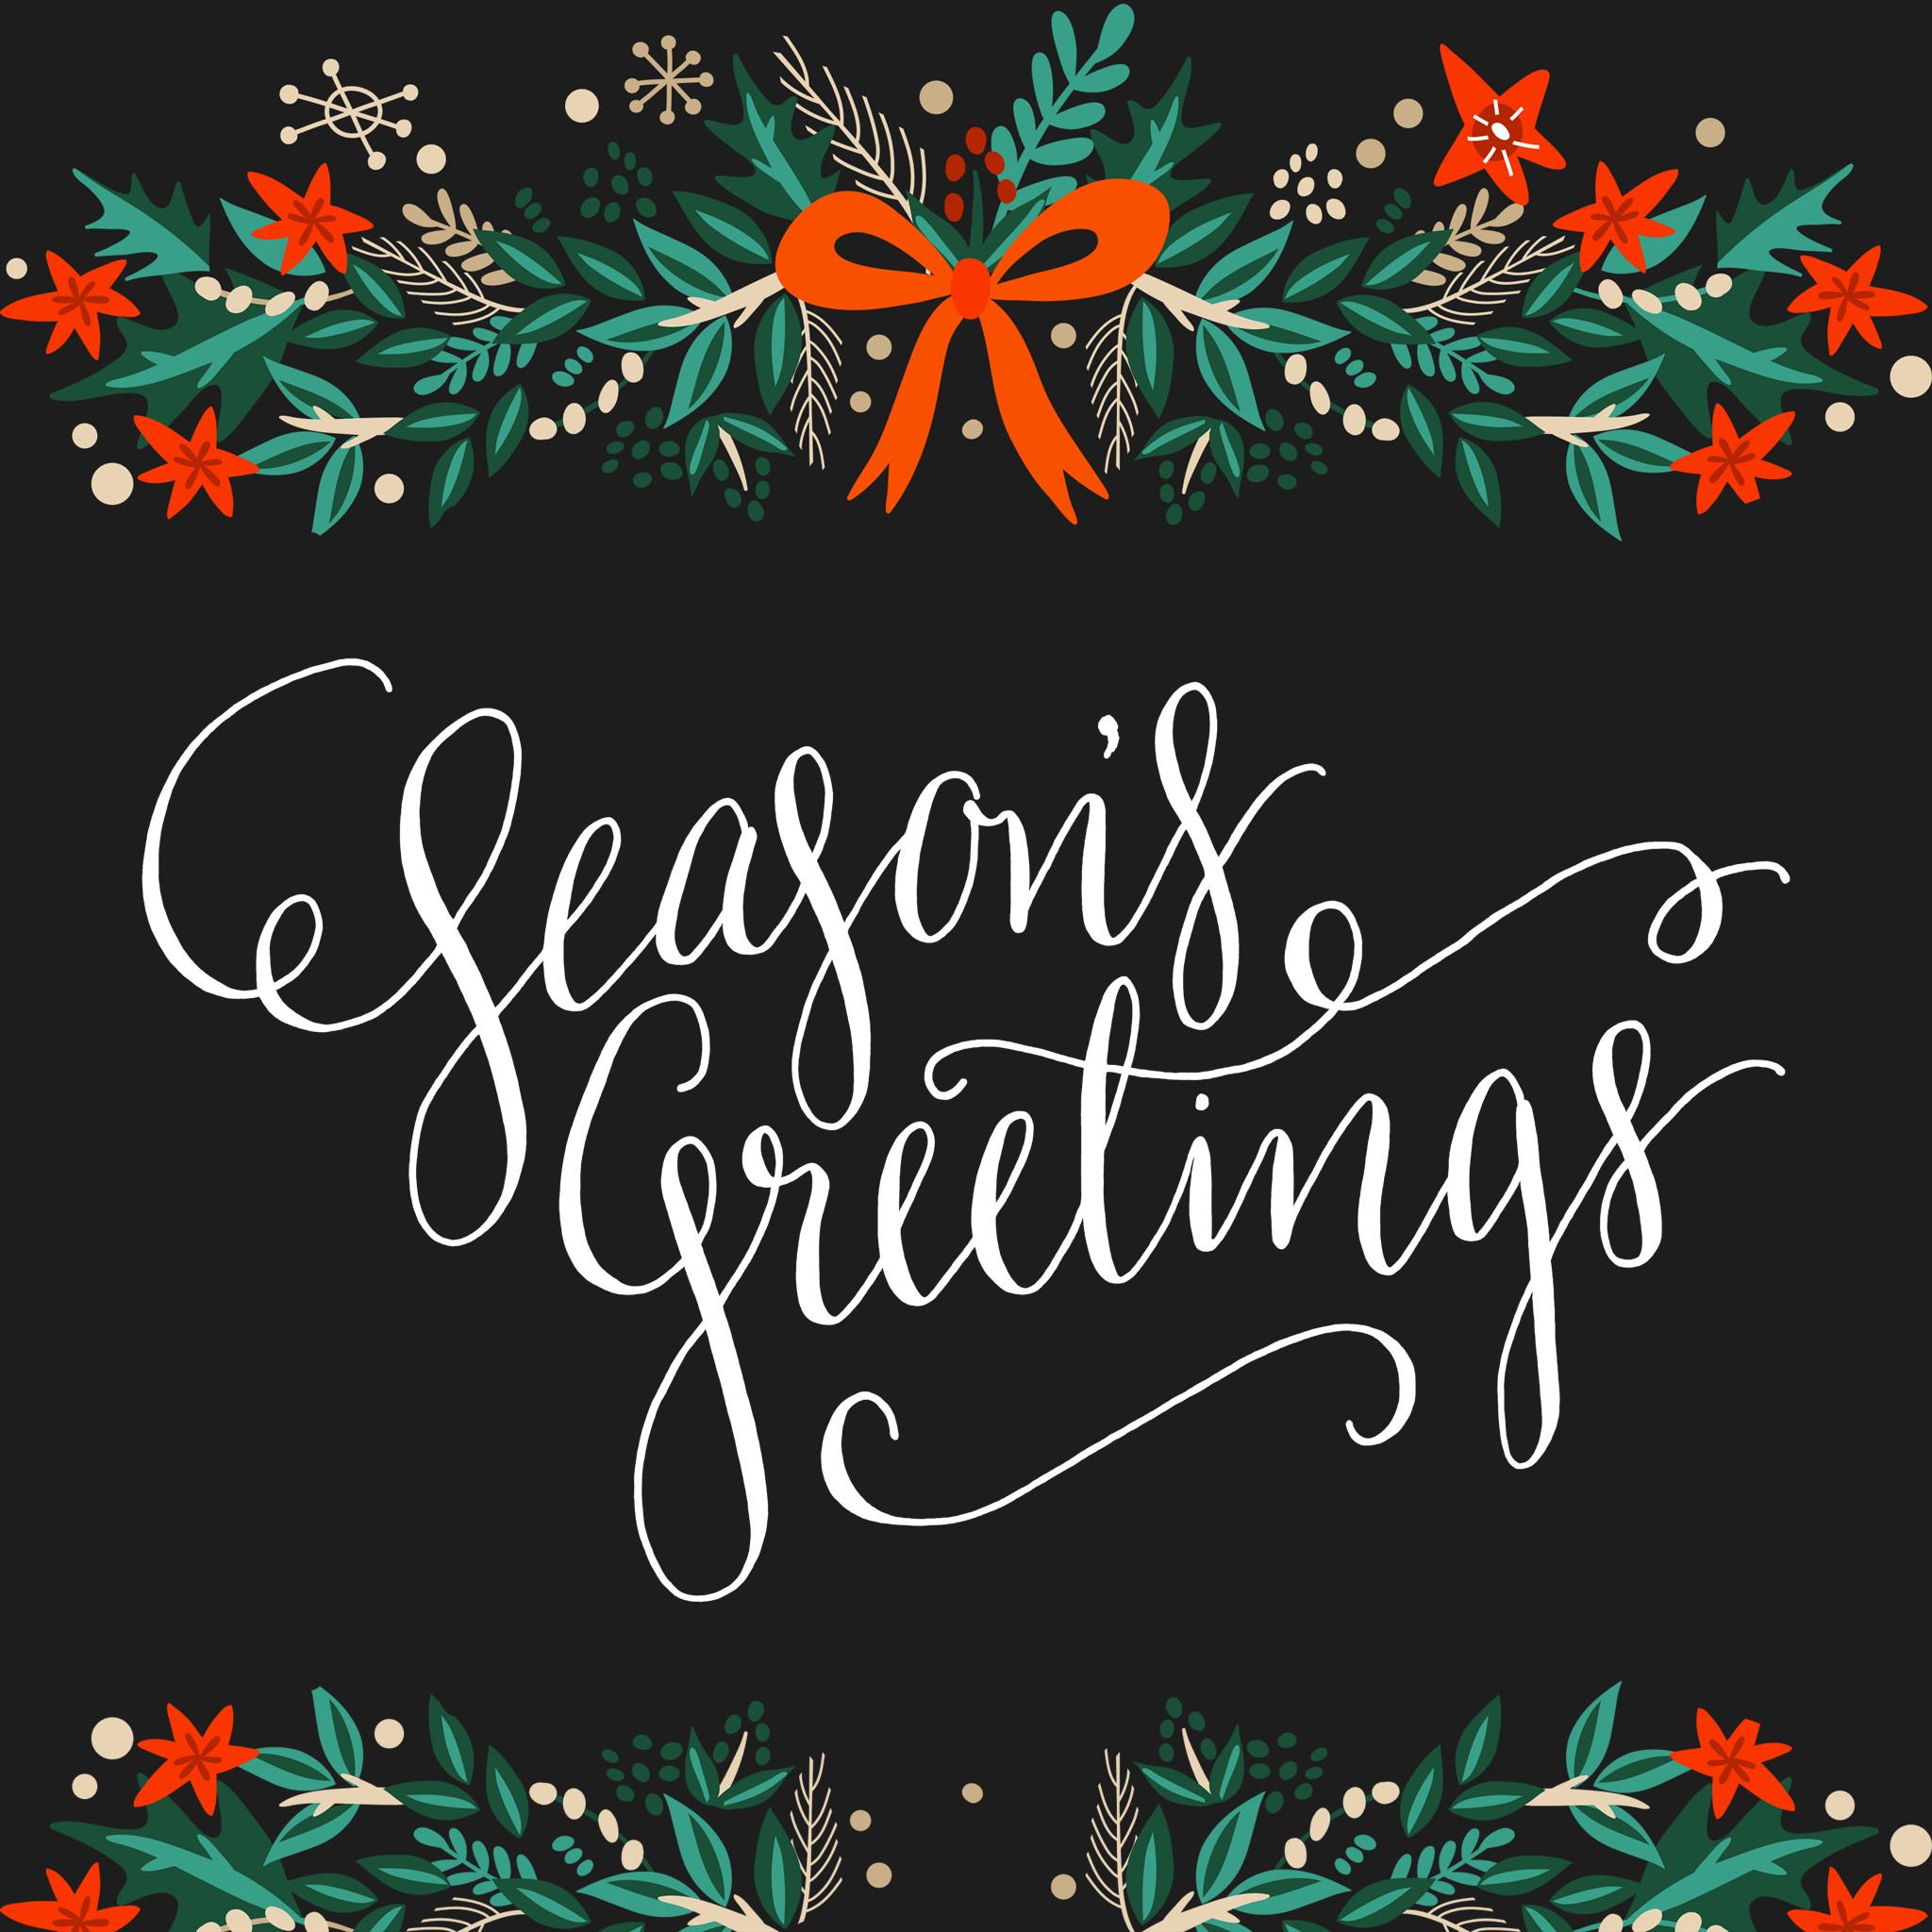 Seasons Greetings Wallpaper 58 Images